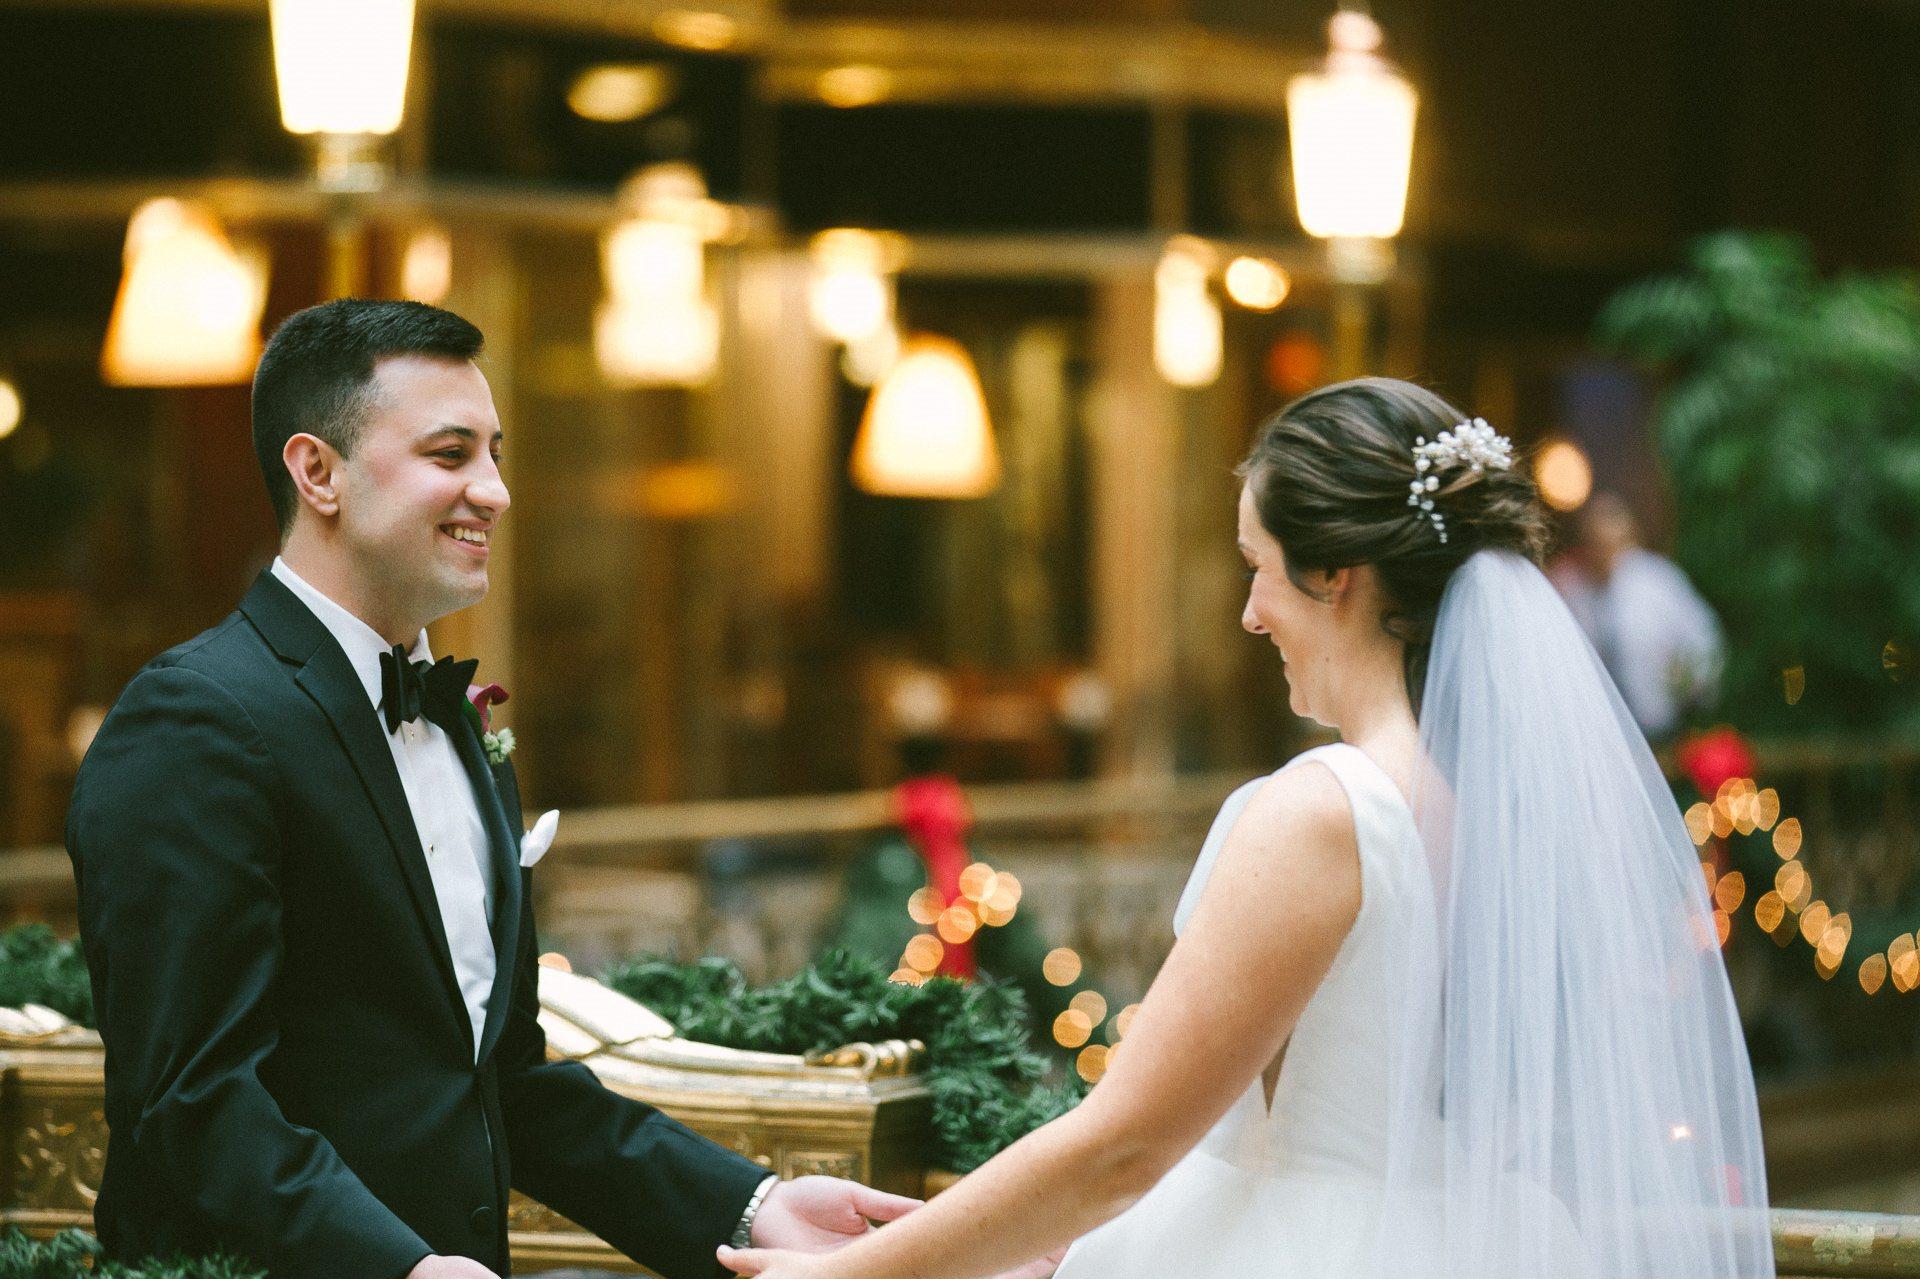 Hyatt Old Arcade Wedding Photographer in Cleveland 1 25.jpg